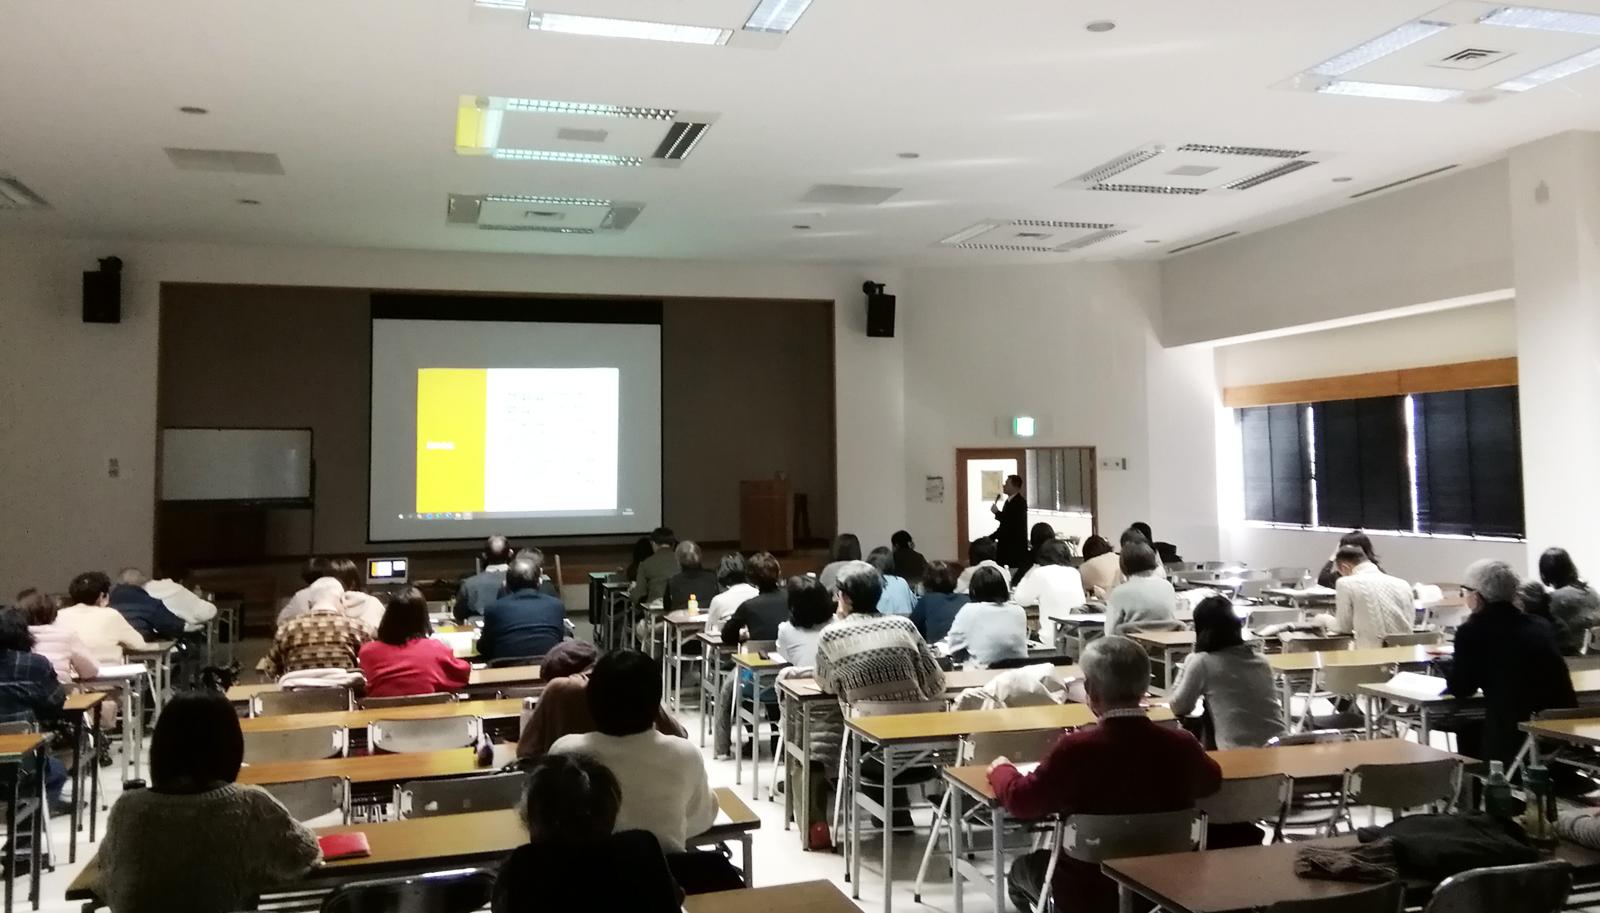 少年院 宮川 医療 医療少年院における支援の現状と課題